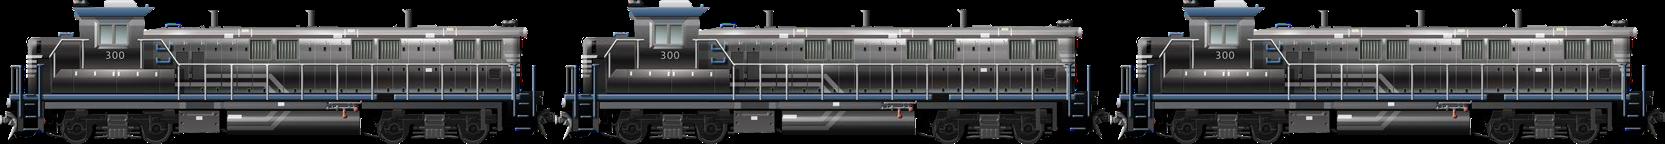 3GS21B Titan